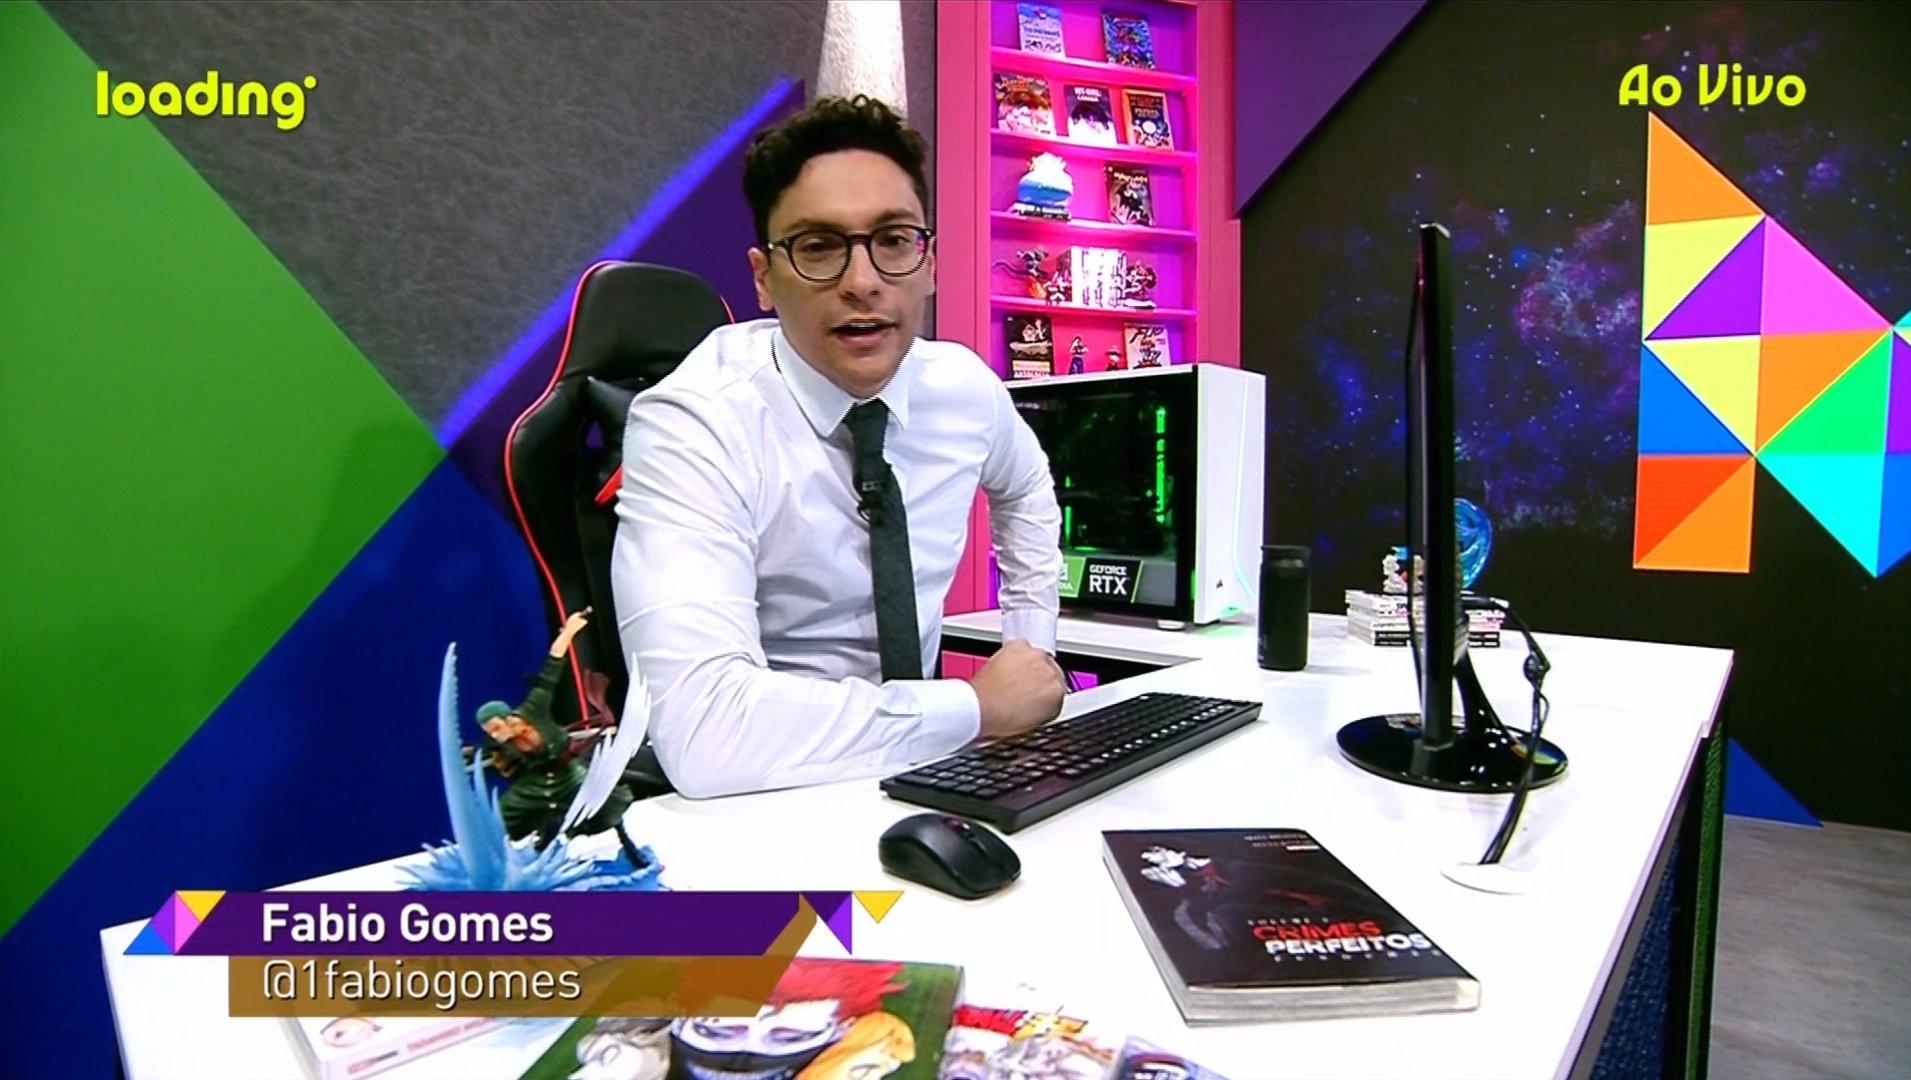 Fabio Gomes no canal Loading (Foto: Reprodução)